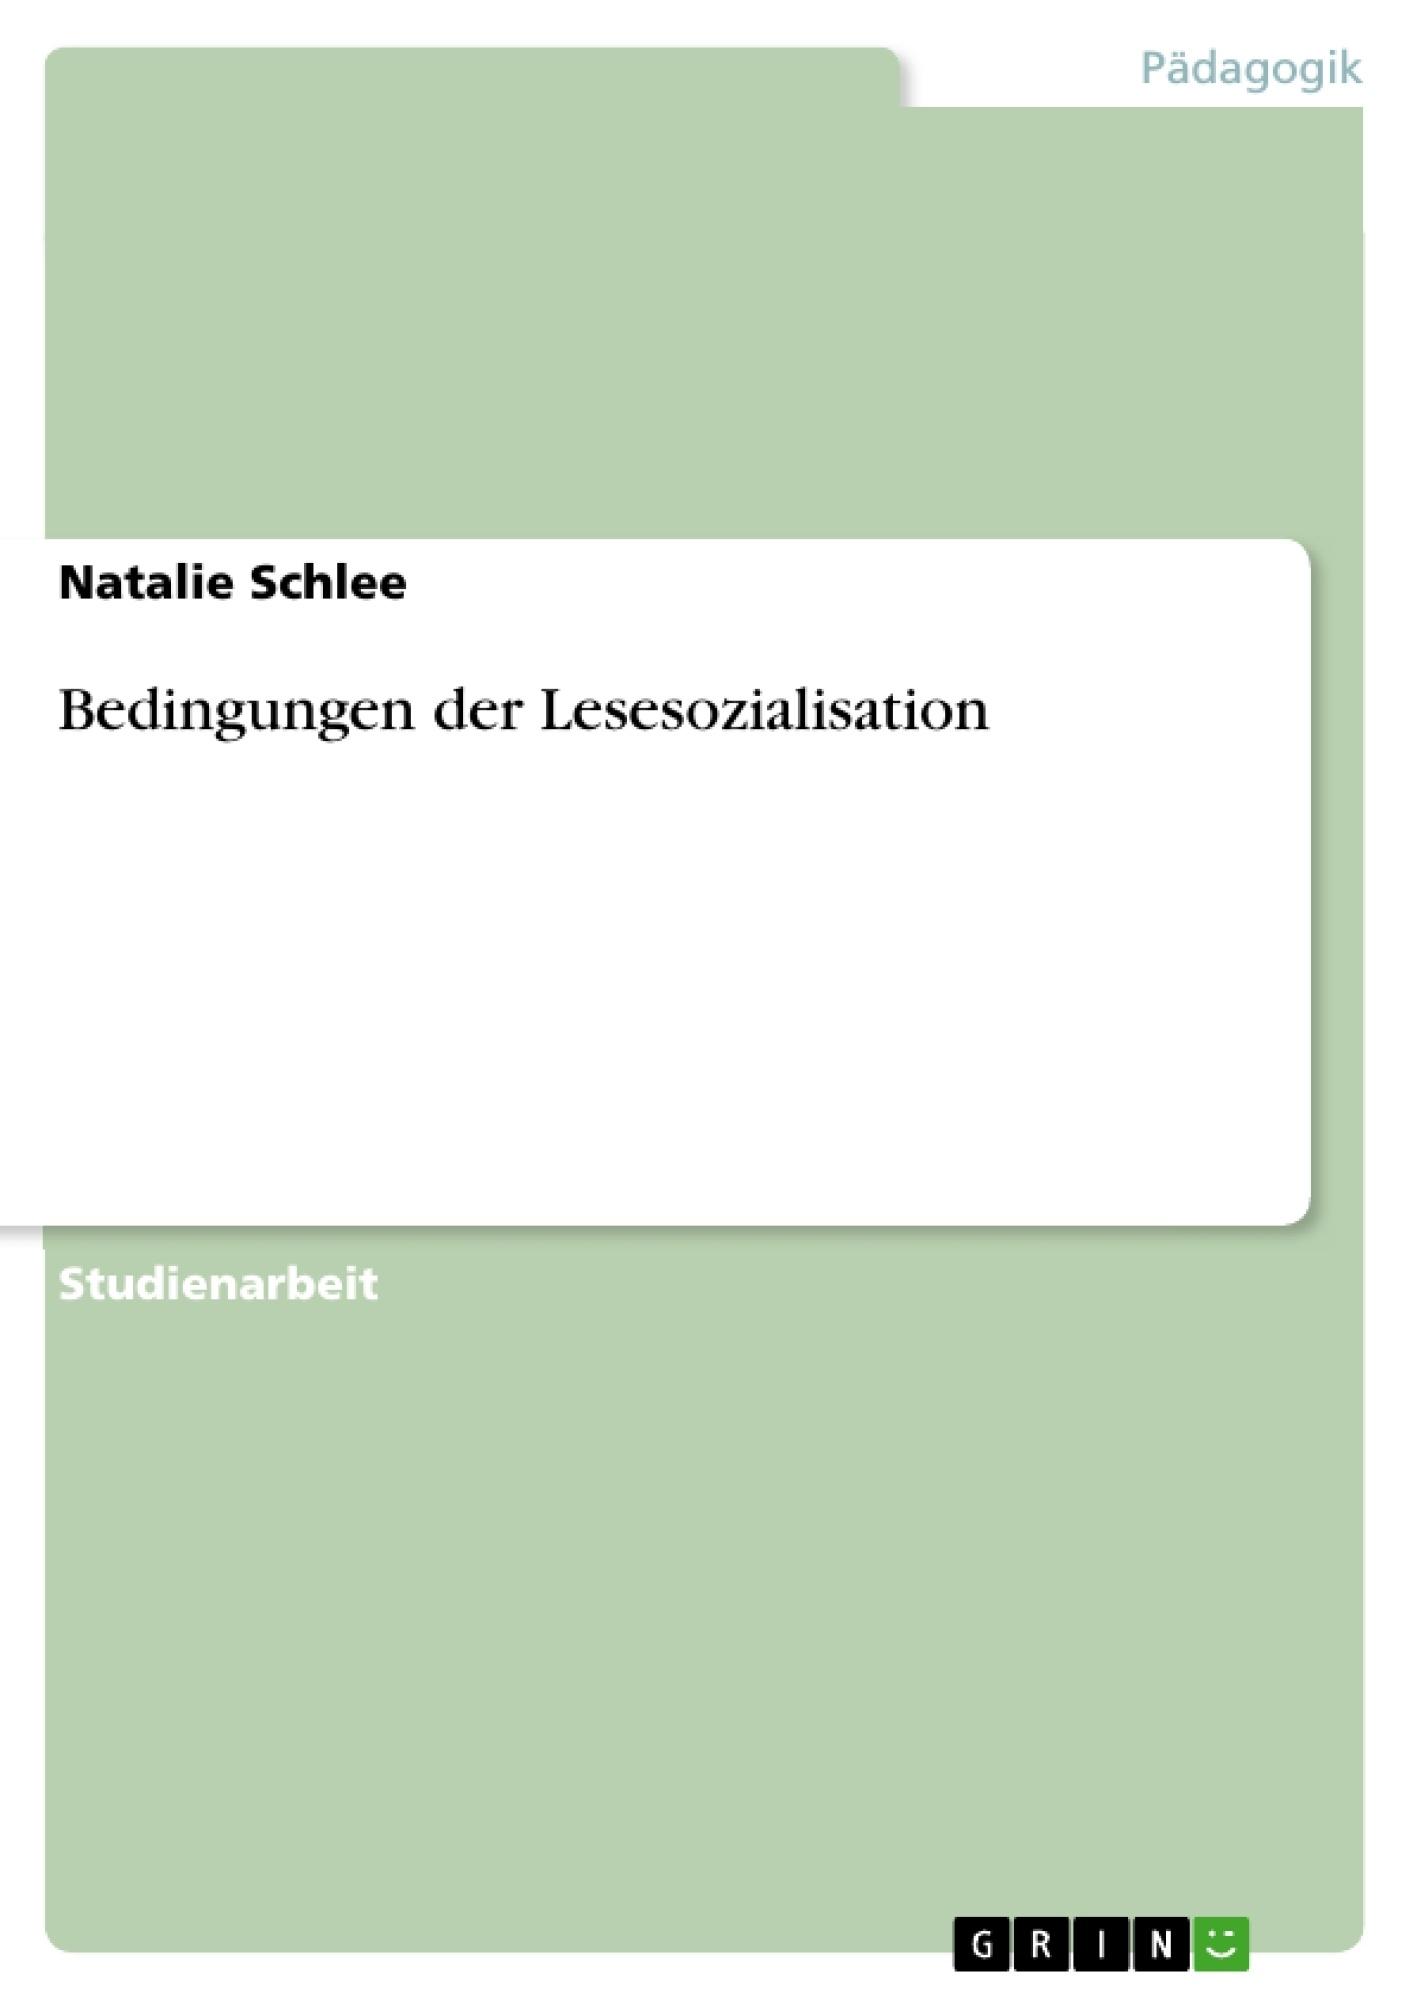 Titel: Bedingungen der Lesesozialisation